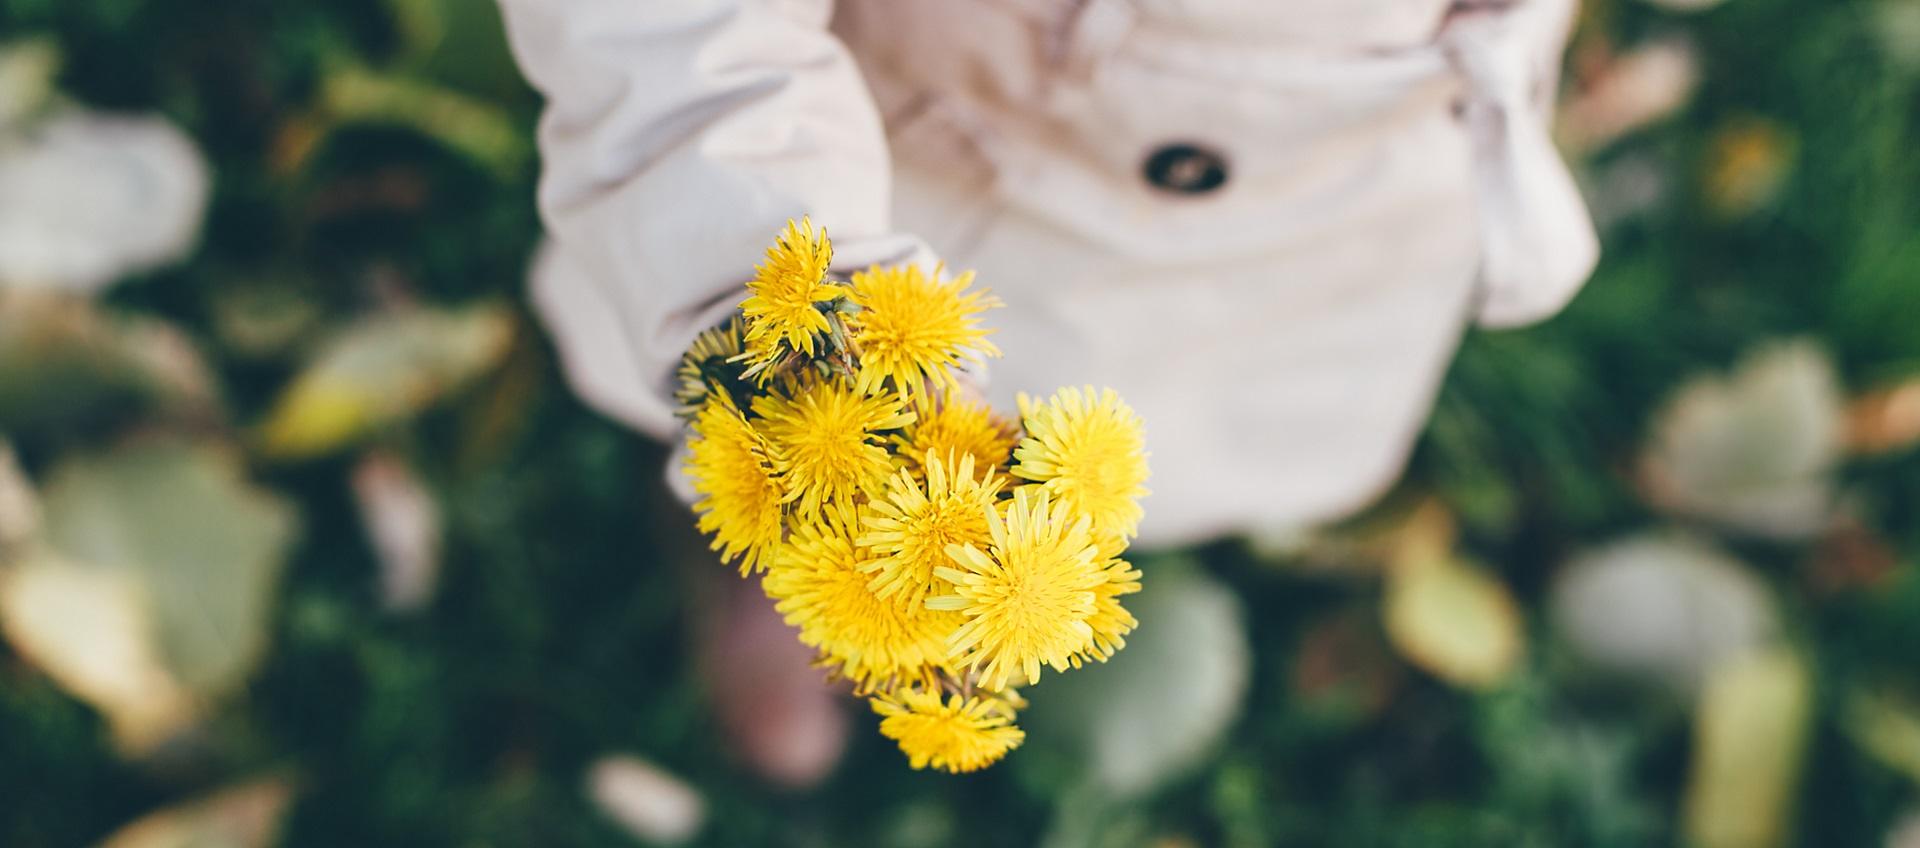 Setembro Amarelo alerta para a importância da prevenção ao suicídio